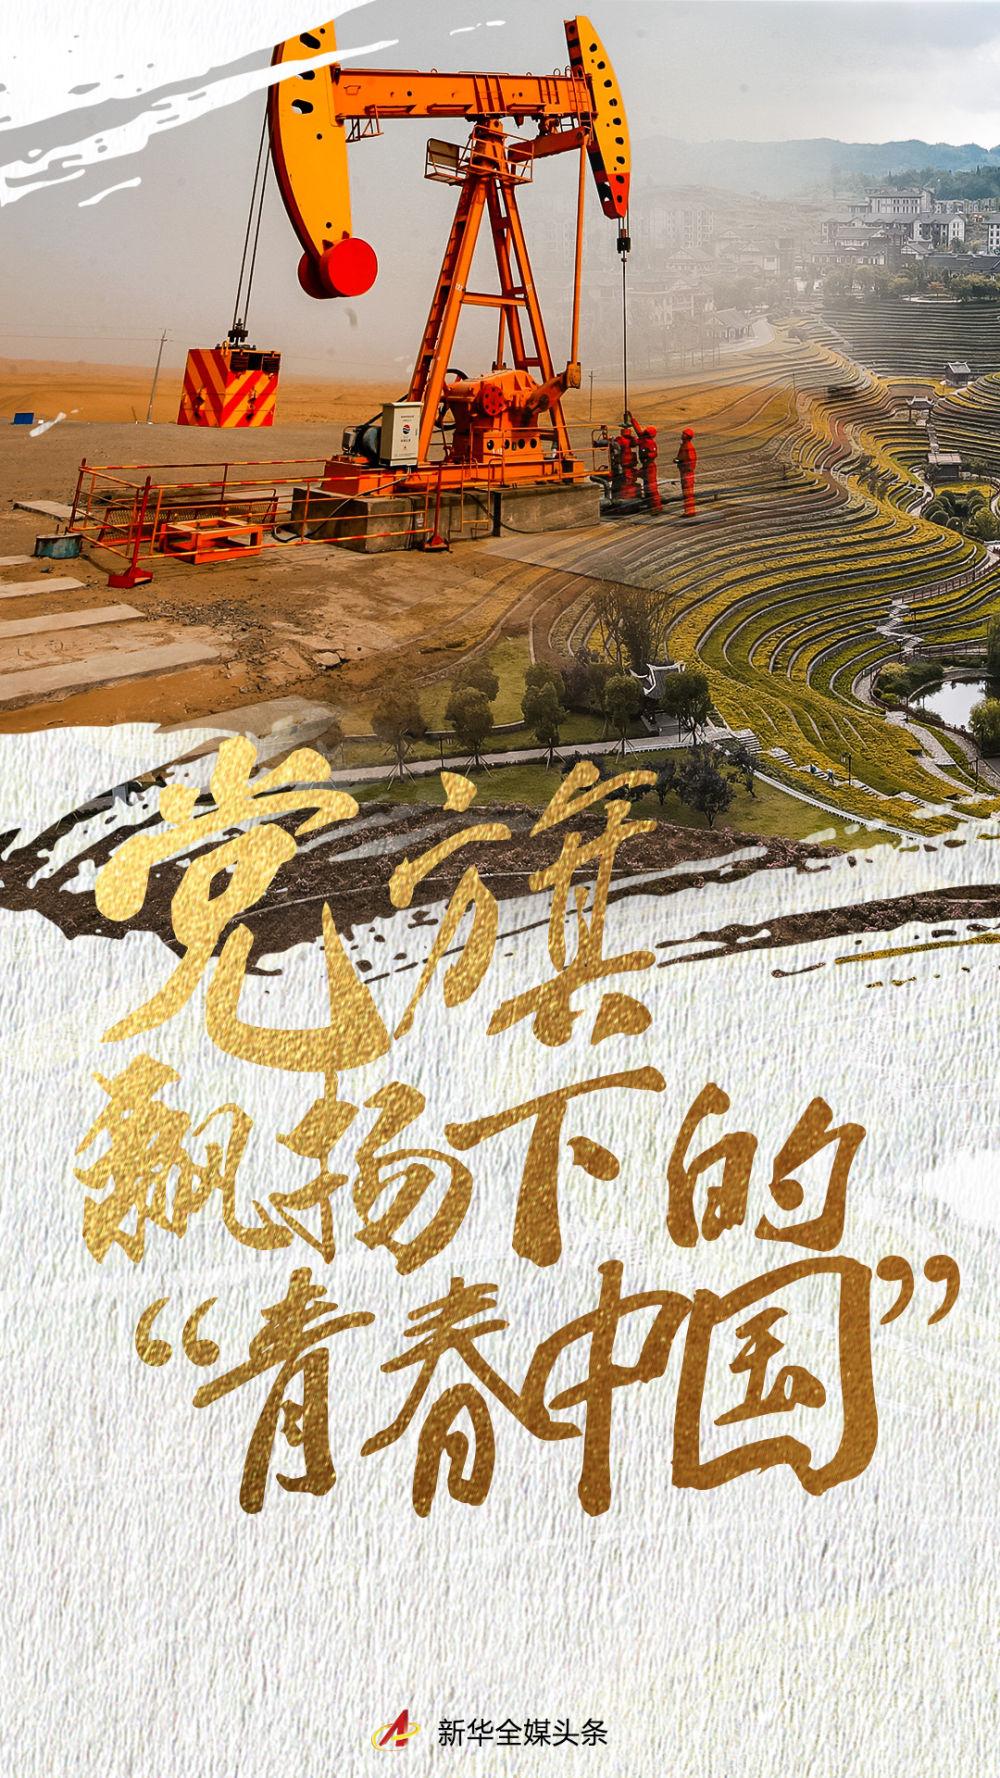 """热血,为时代澎湃——党旗飘扬下的""""青春中国"""""""